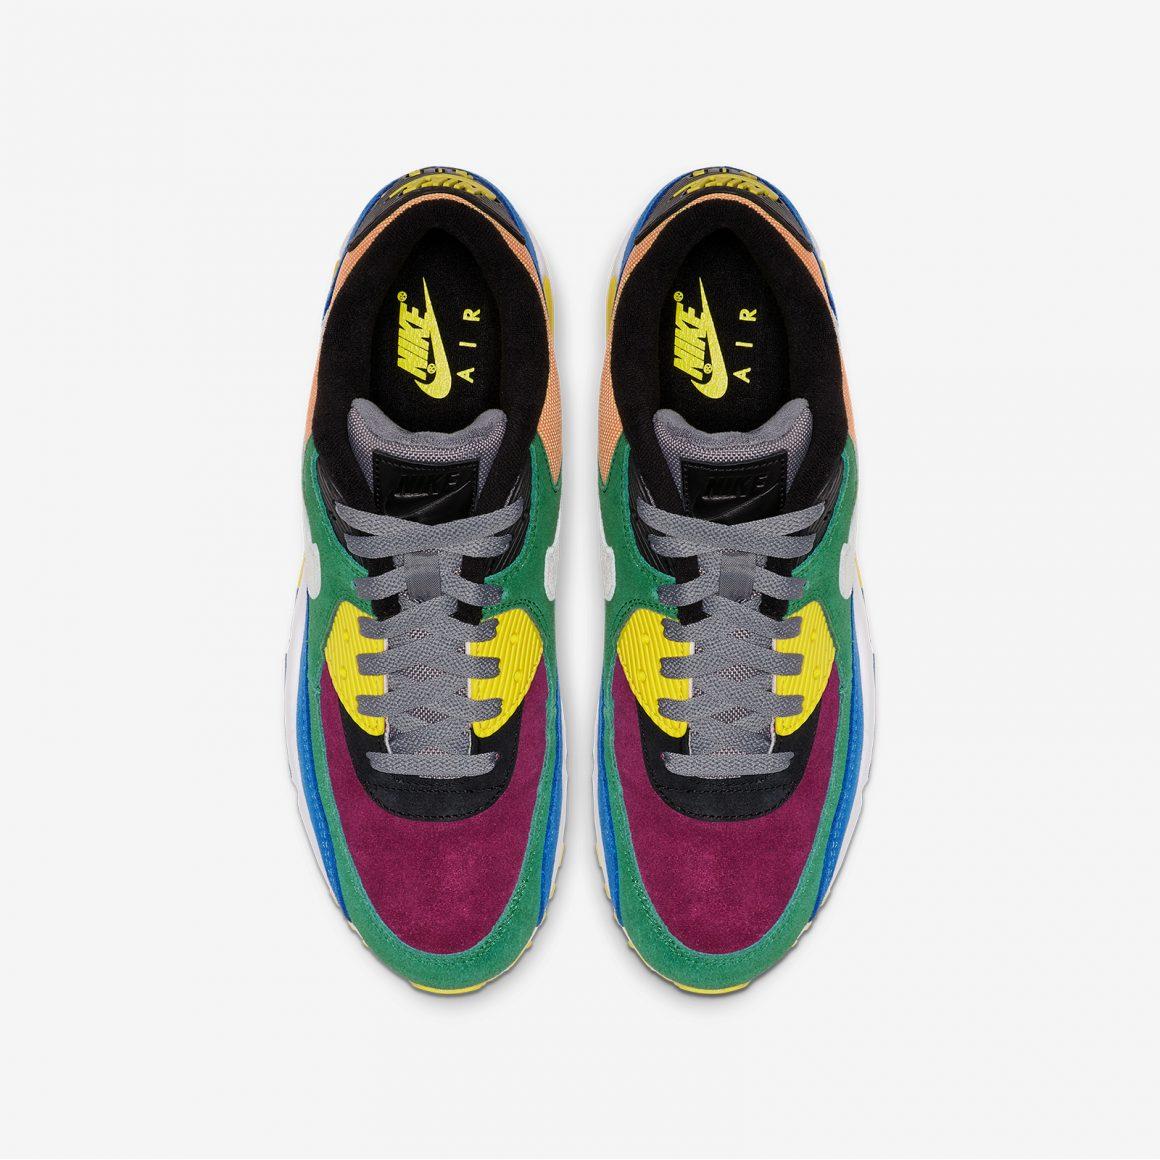 Nike Air Max 90 QS ''Viotech 2.0''